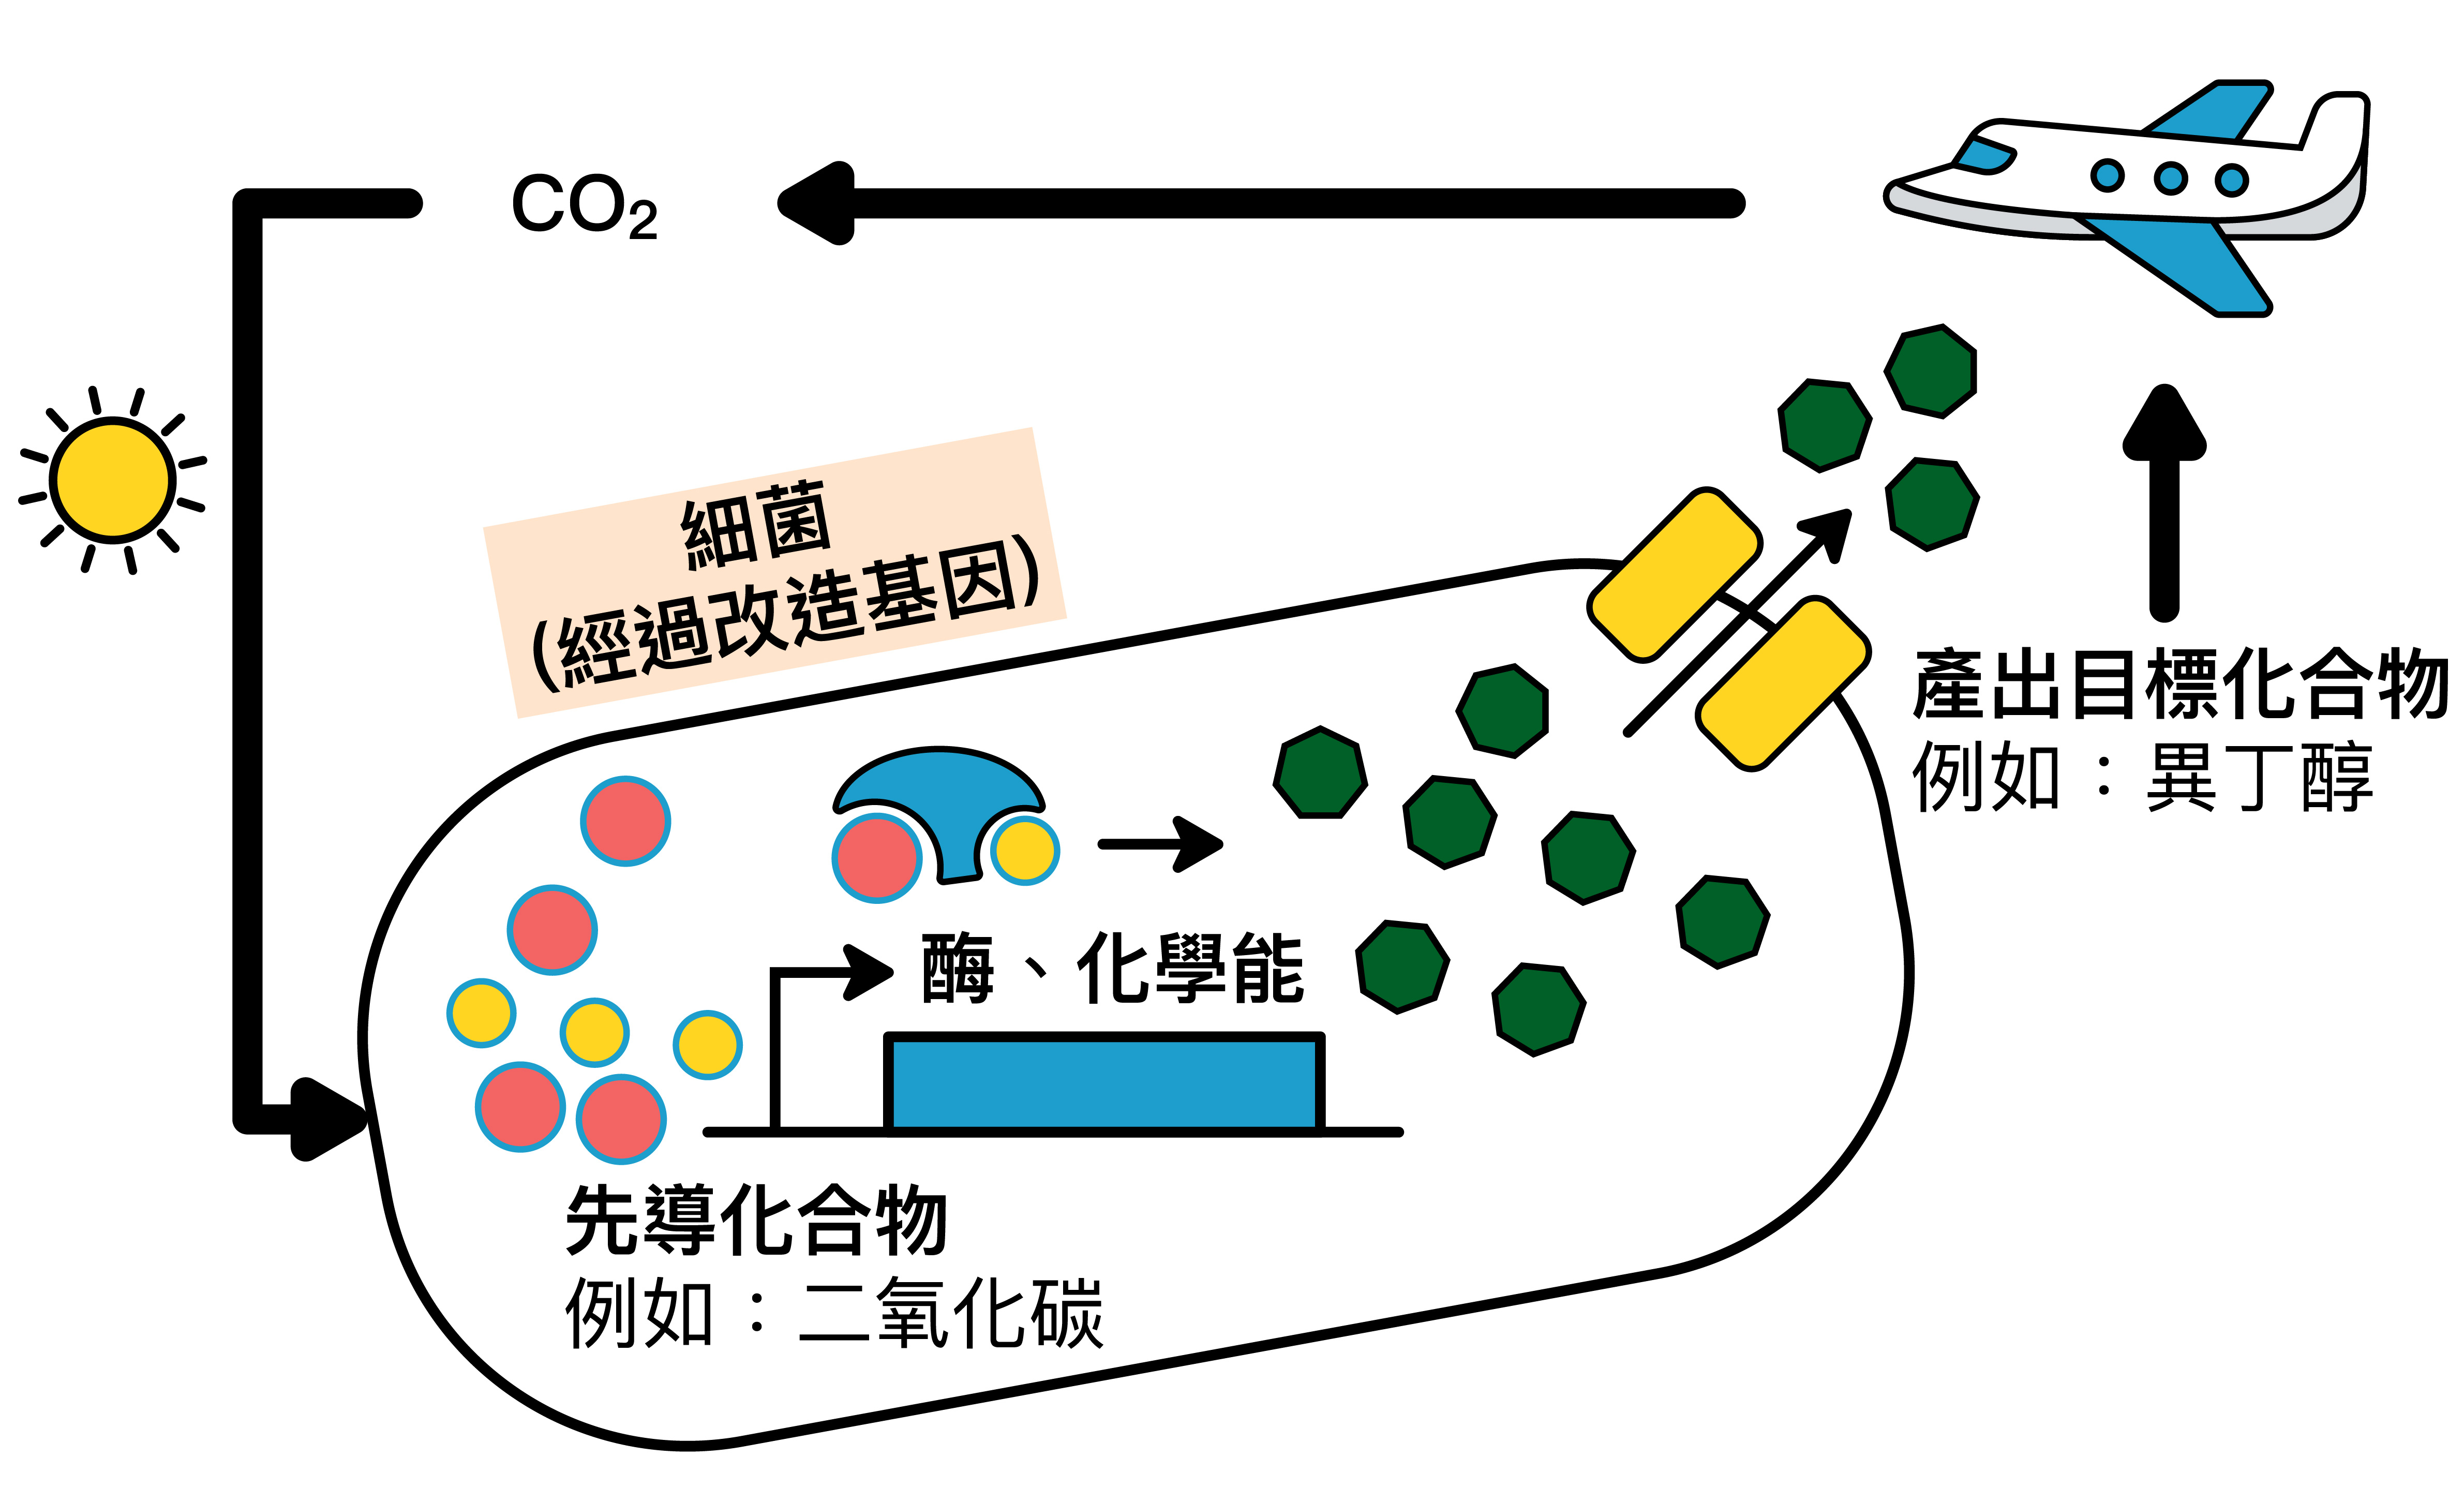 廖俊智與研究團隊,計畫讓細菌細胞進行的合成反應途徑:以二氧化碳為碳源 → 產生燃料 → 達成新的碳循環。 資料來源│廖俊智說明 圖說設計│林婷嫻、張語辰